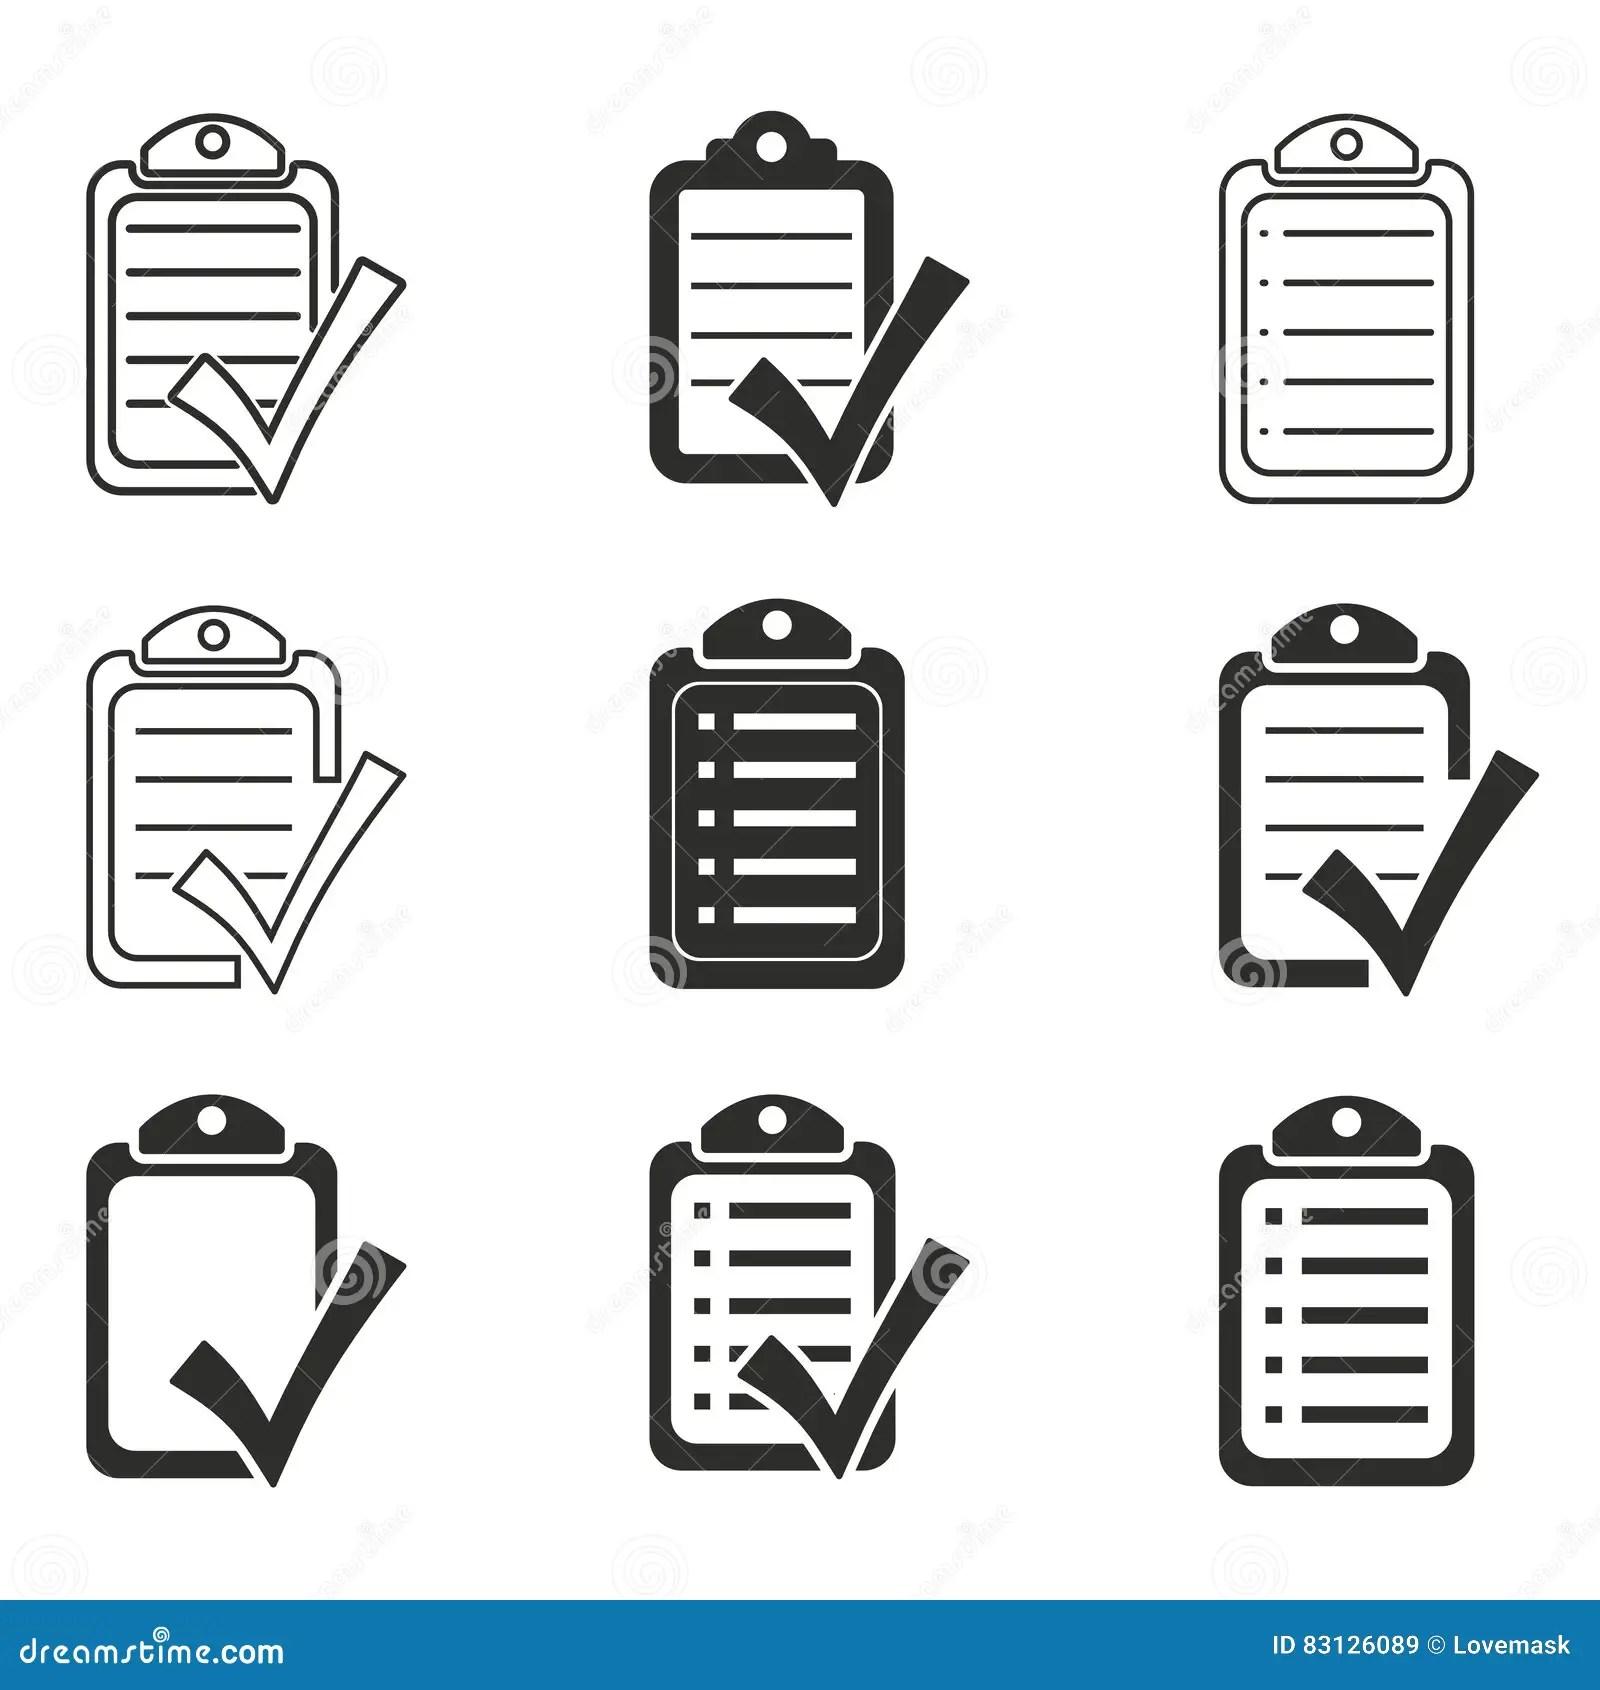 Clipboard Icon Set Cartoon Vector